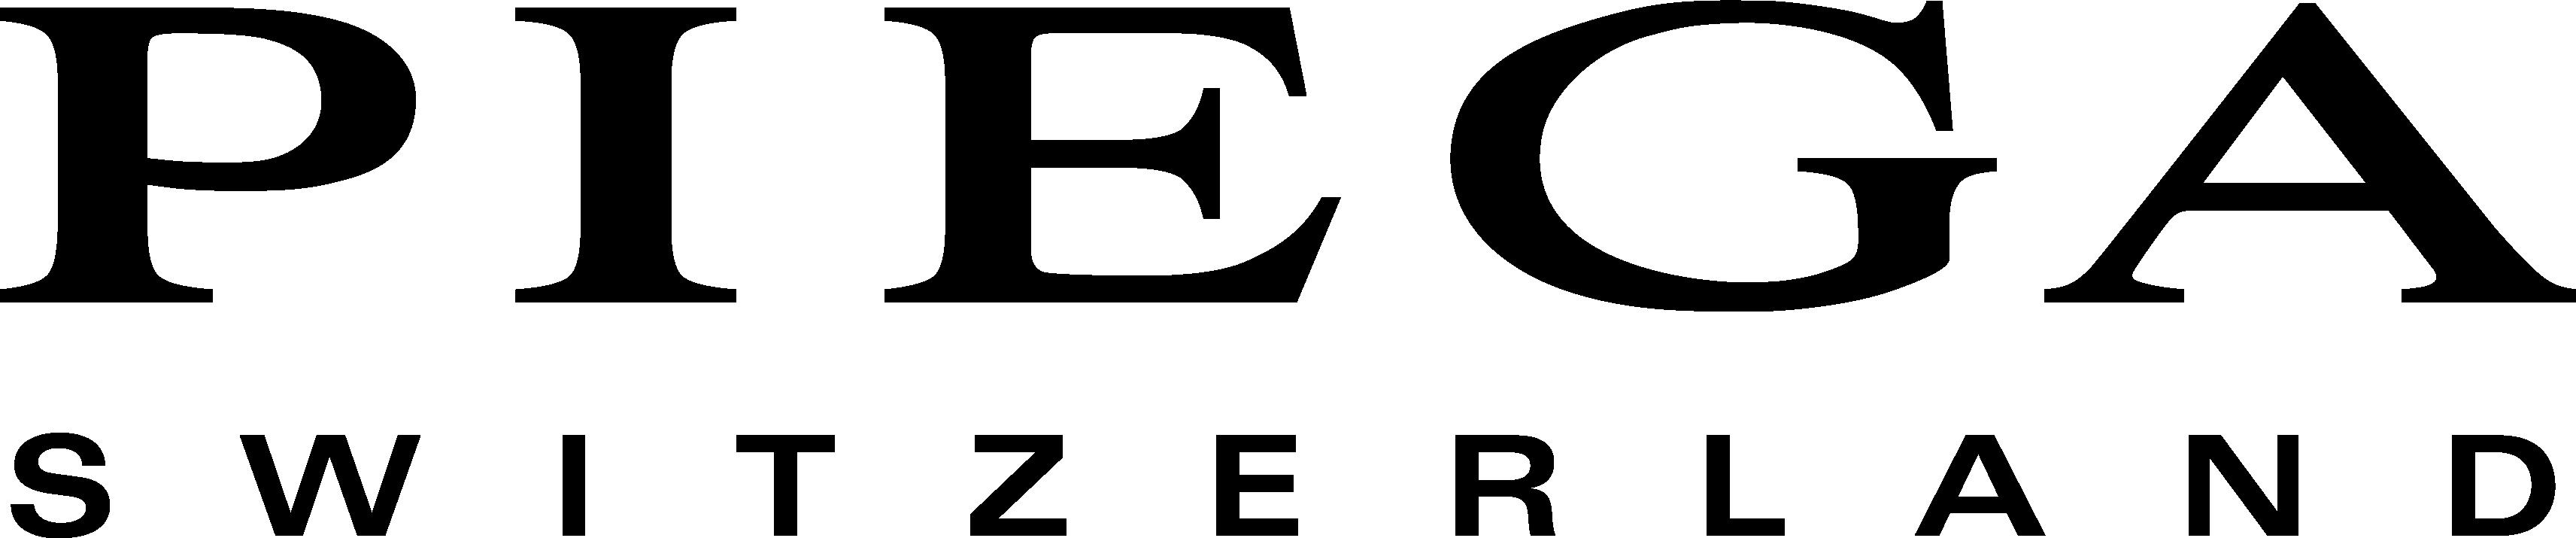 PIEGA logo black 100